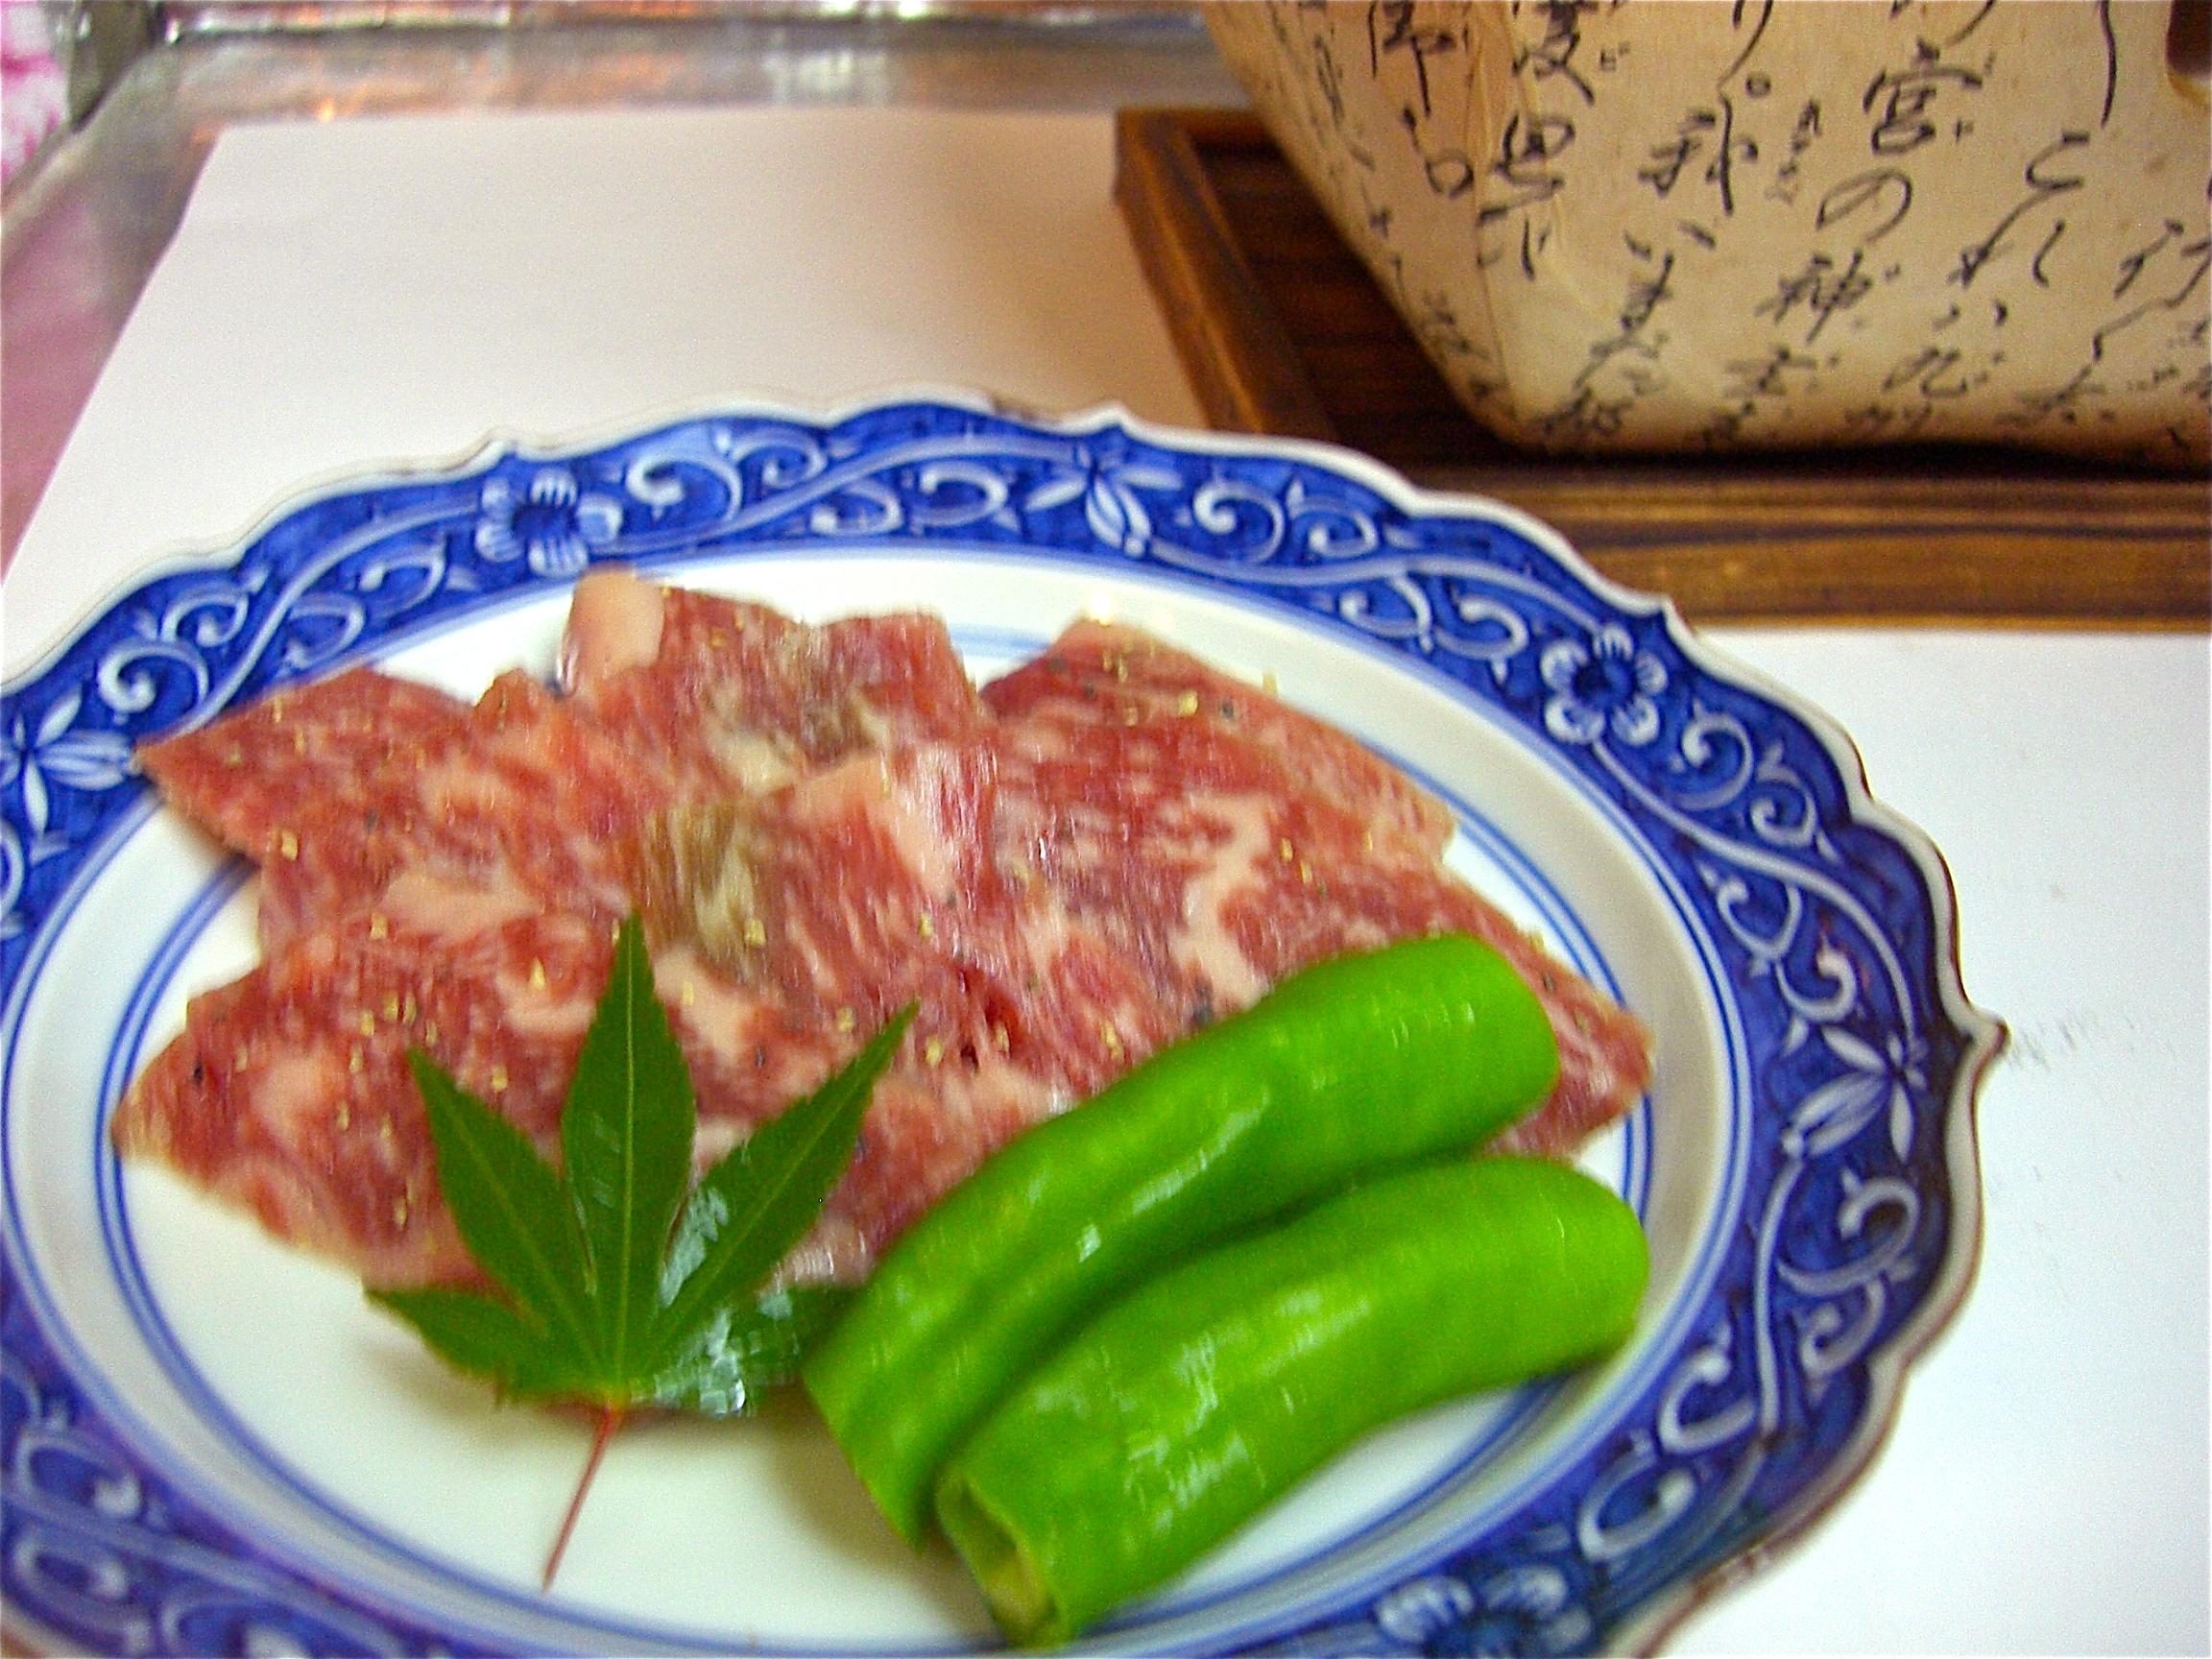 和牛ロース炭火焼(人気メニュー)(牛ロース料理1)